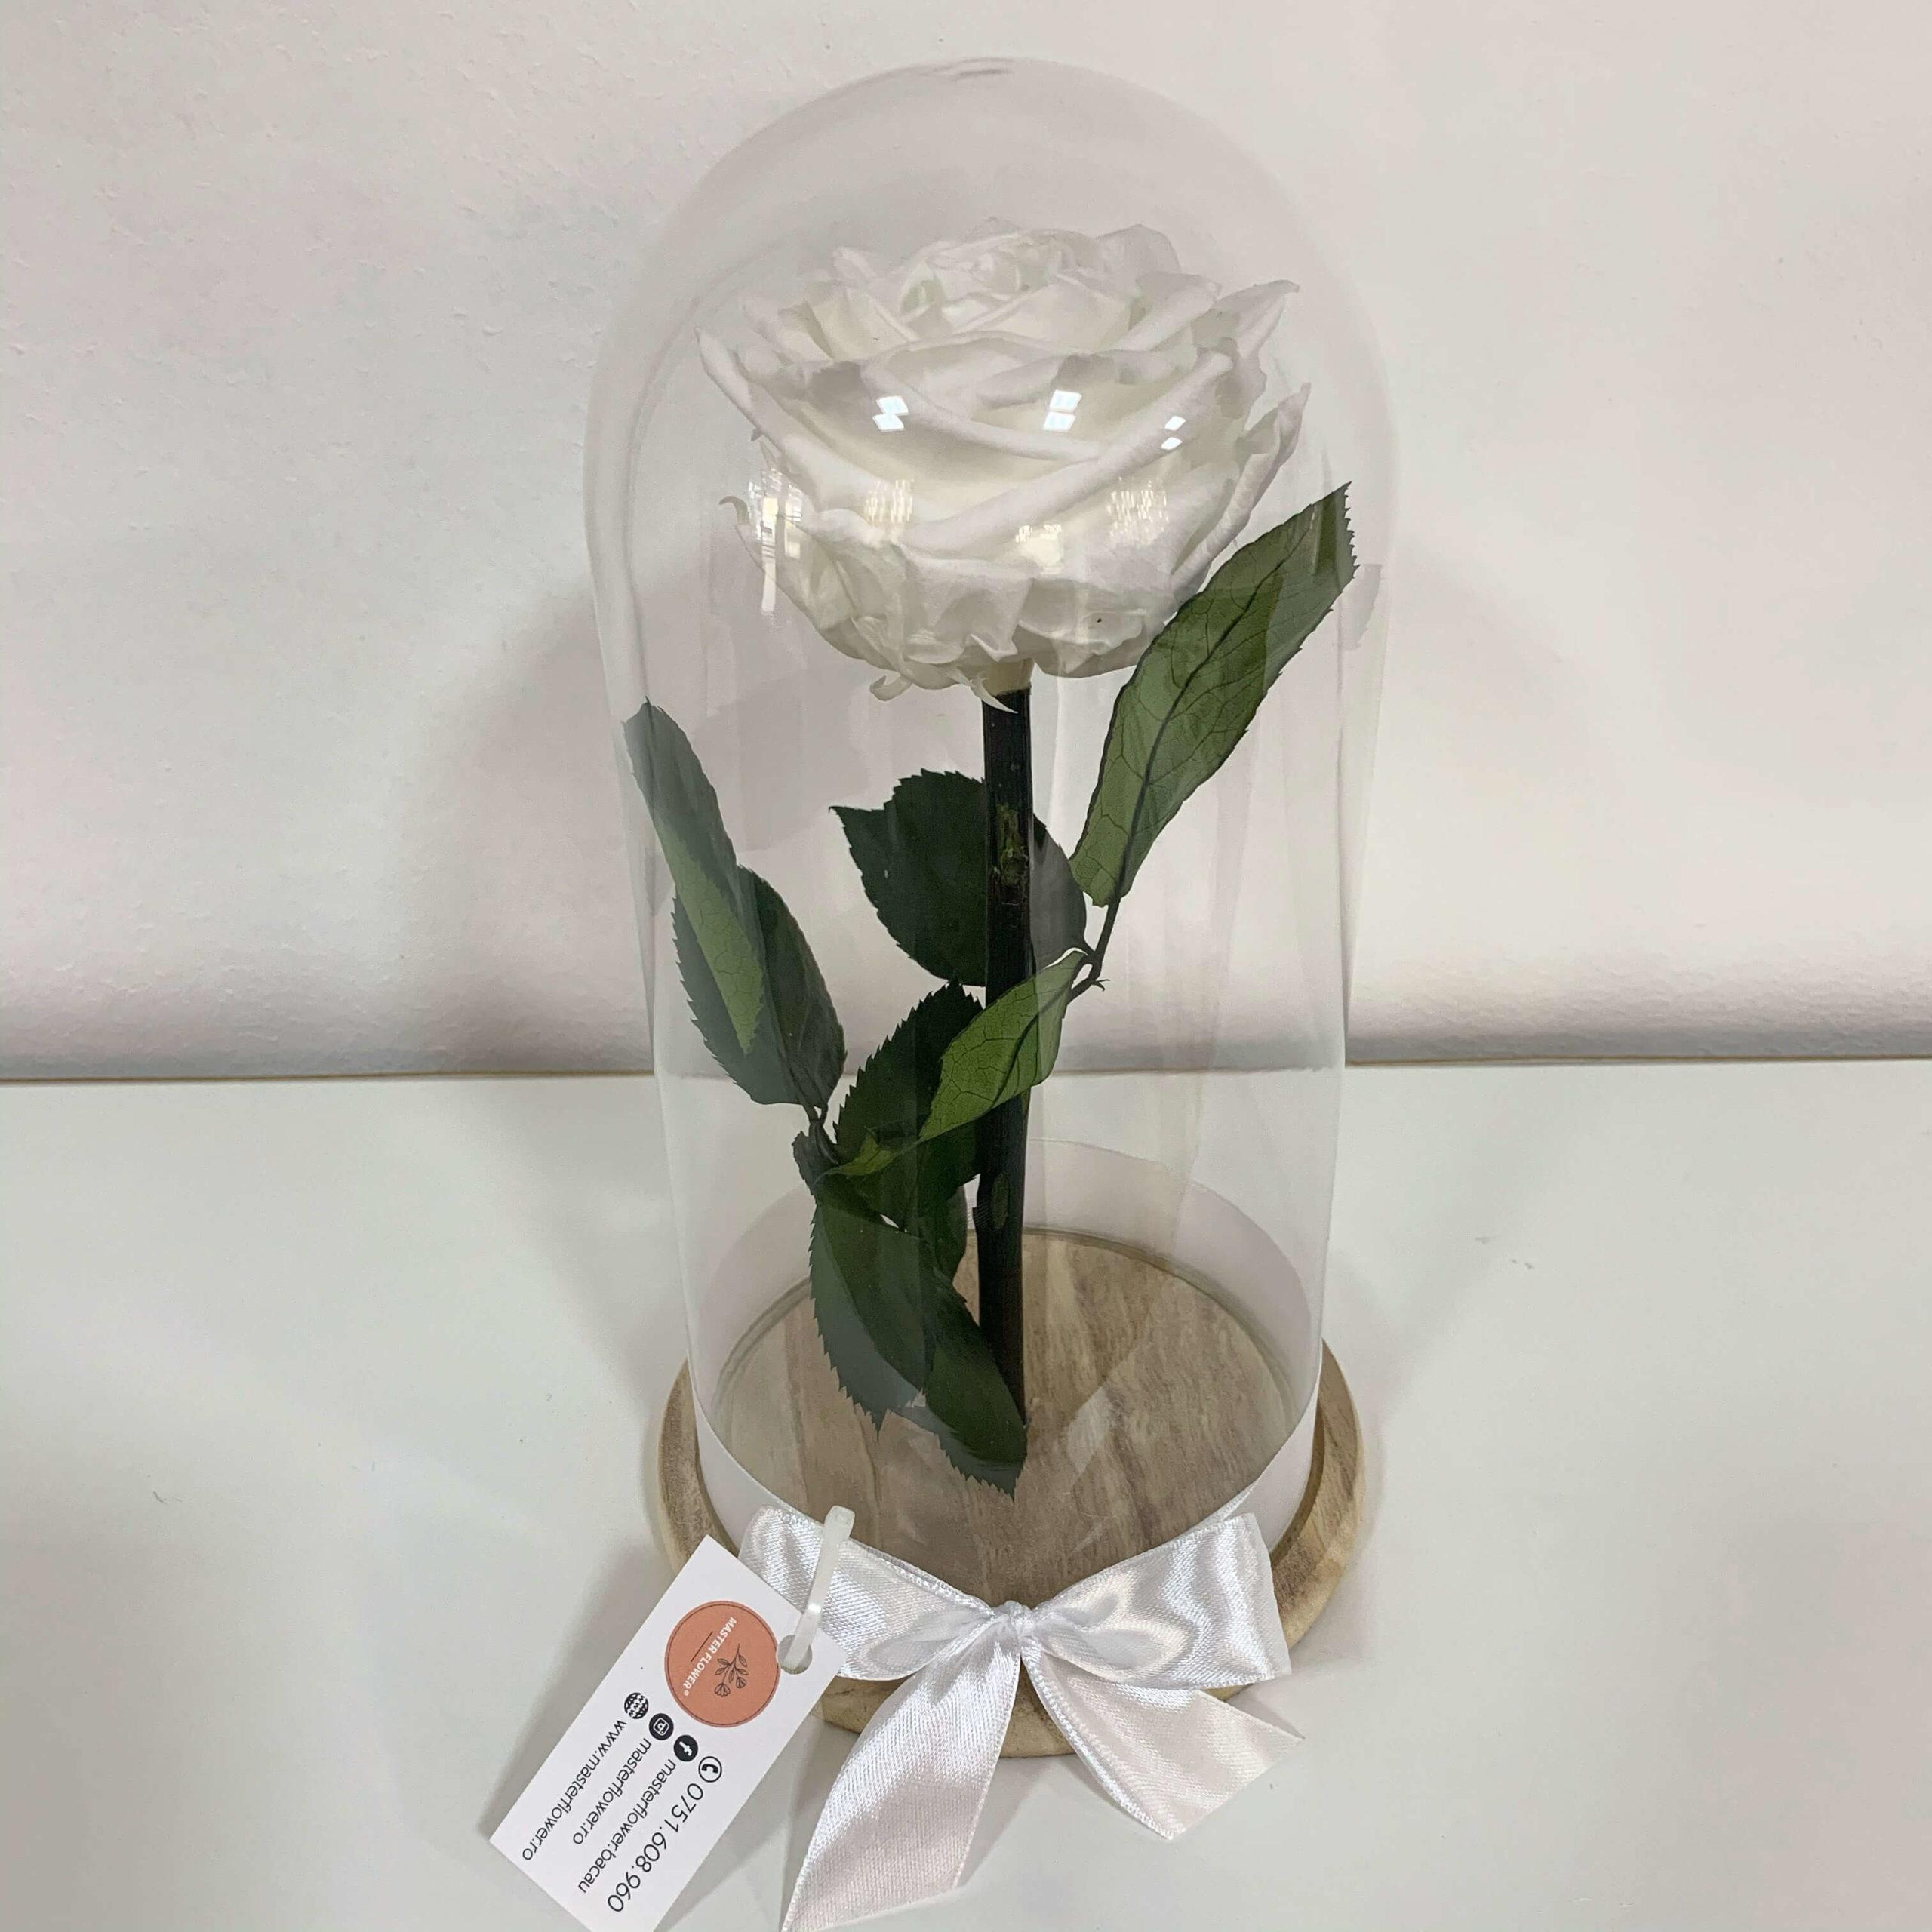 Trandafir criogenat alb - Pure white